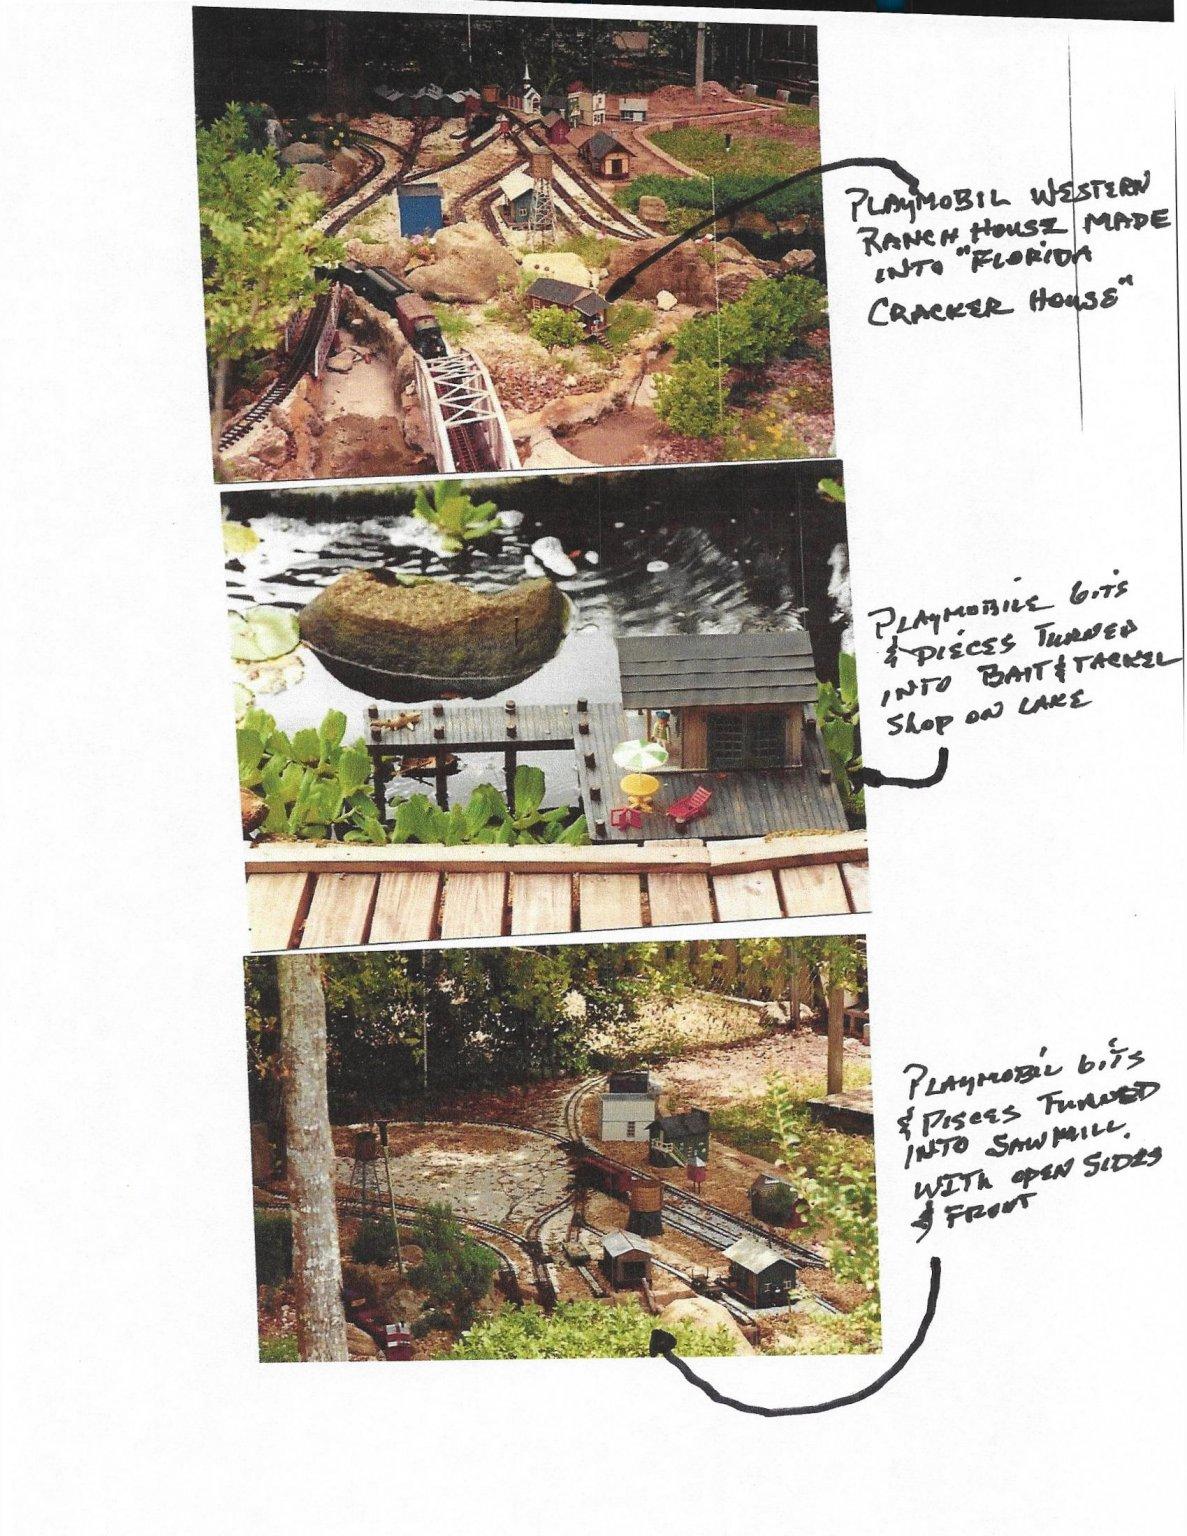 playmobil in the garden 1.jpg